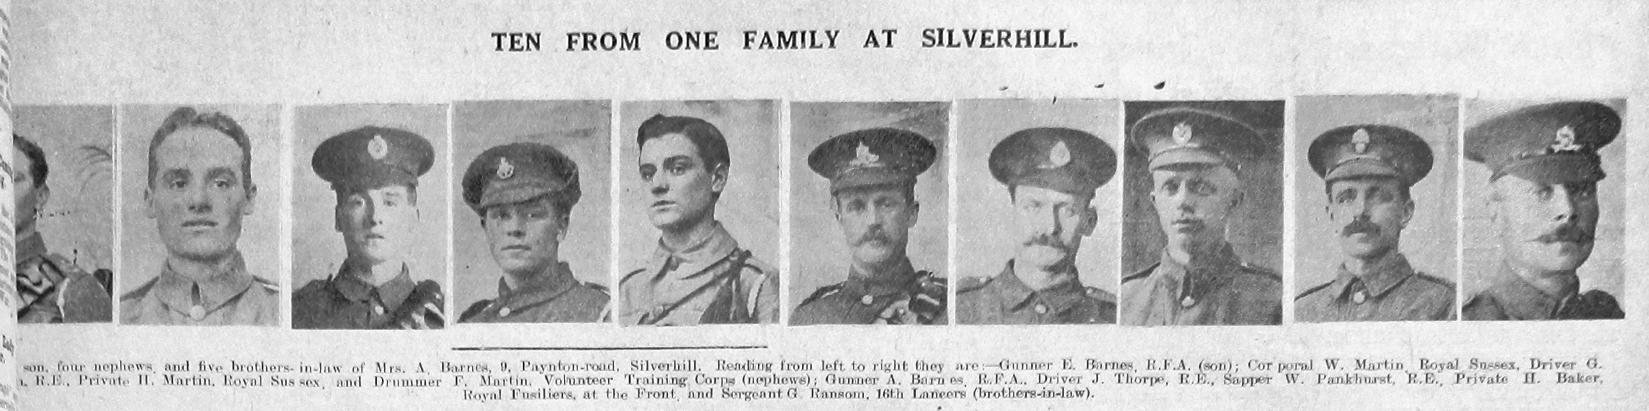 Barnes, Martin, Thorpe, Pankhurst, Baker & Ransom